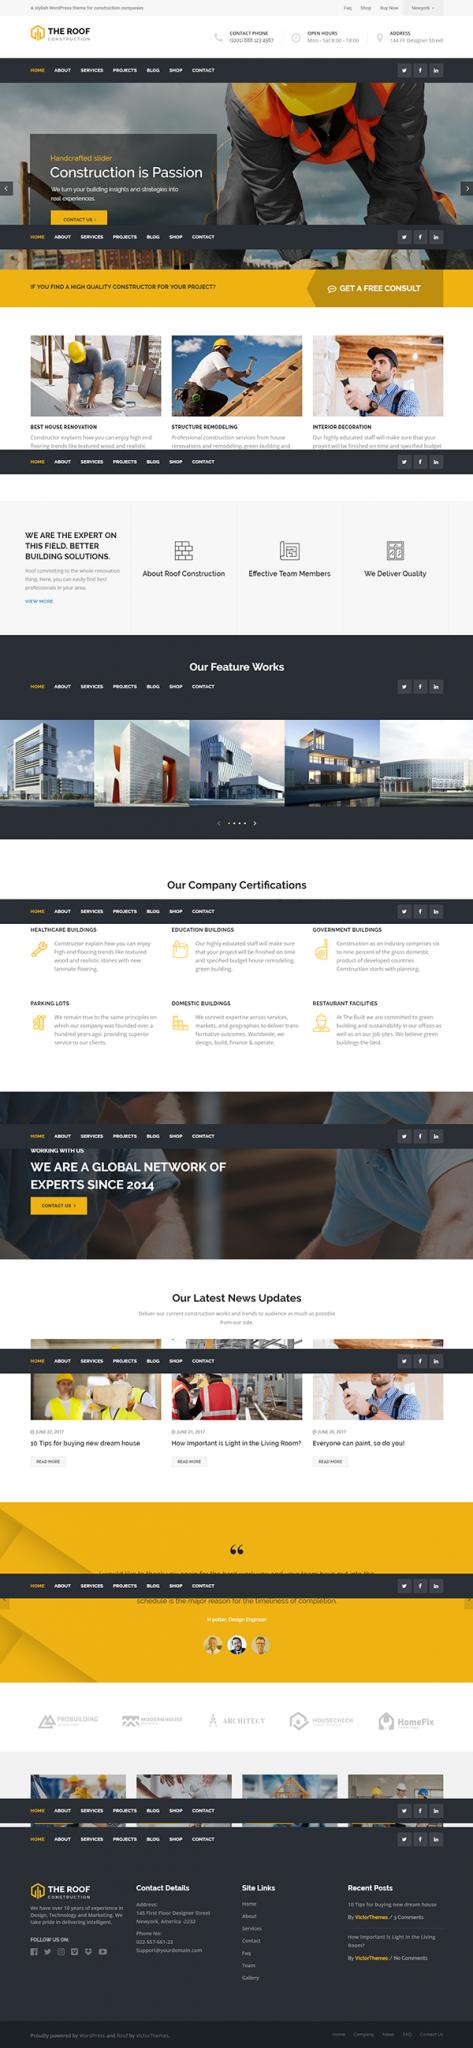 Mẫu web giới thiệu công ty xây dựng The roof construction